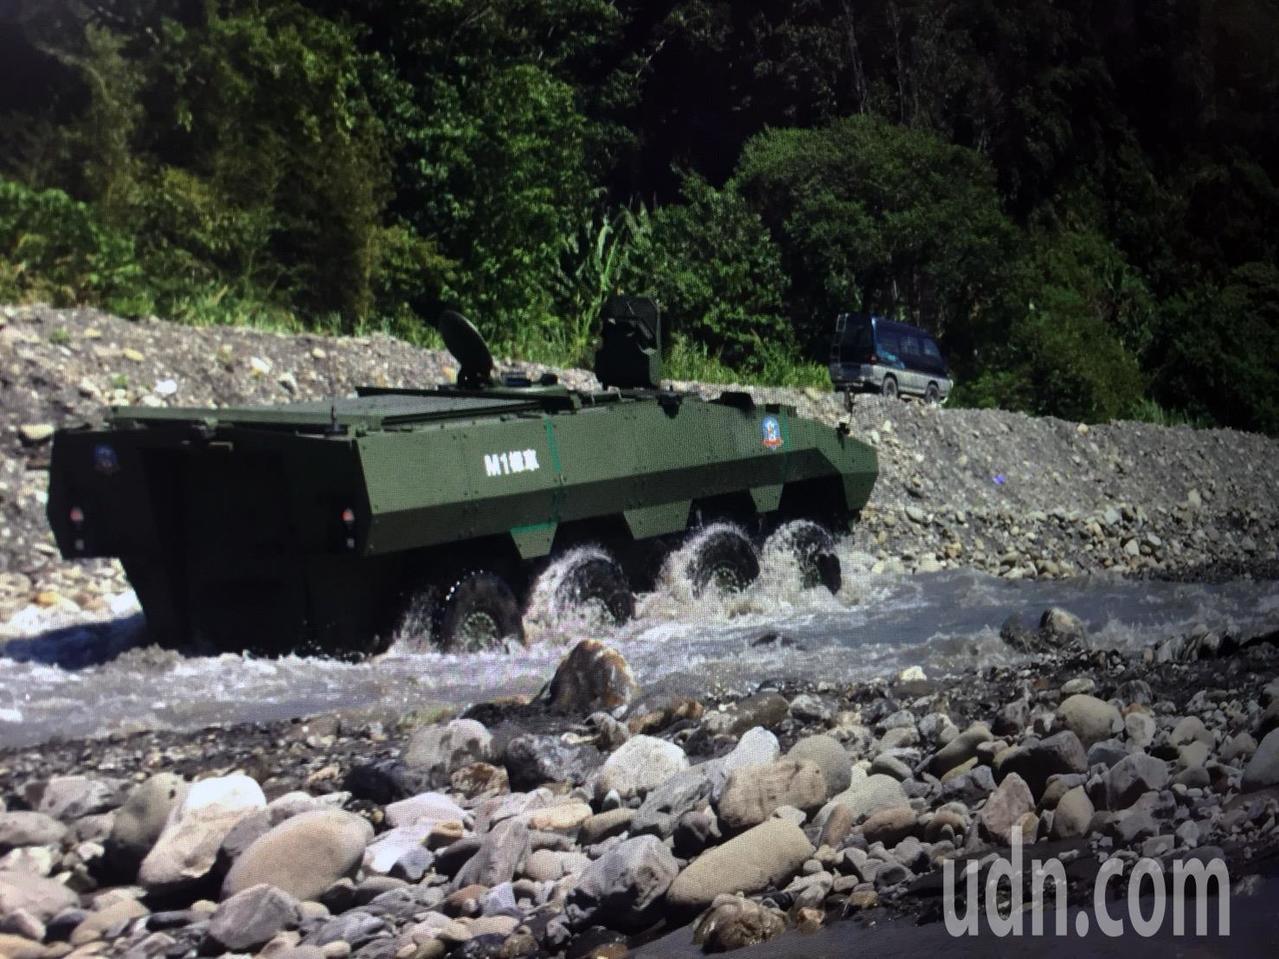 「二代雲豹」原型樣車行駛在高低起伏、有巨大礫石的濁水溪河岸,並且入水渡河,逆流而...